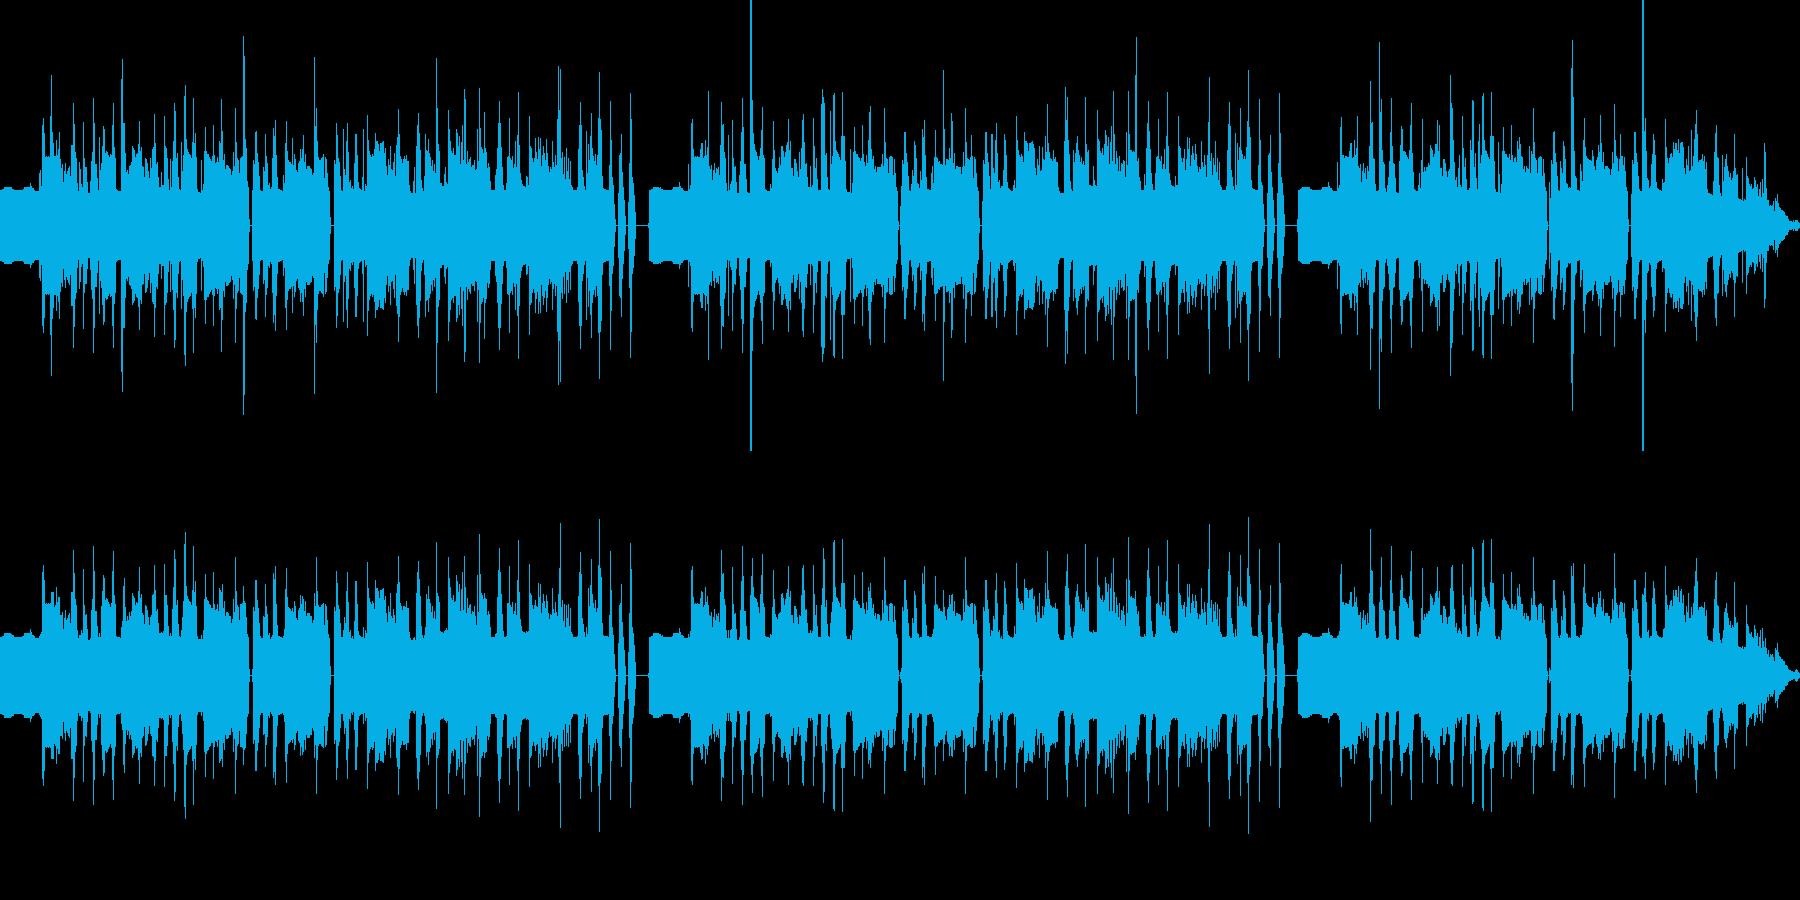 ハロウィン向けの怪しい雰囲気に包まれた曲の再生済みの波形